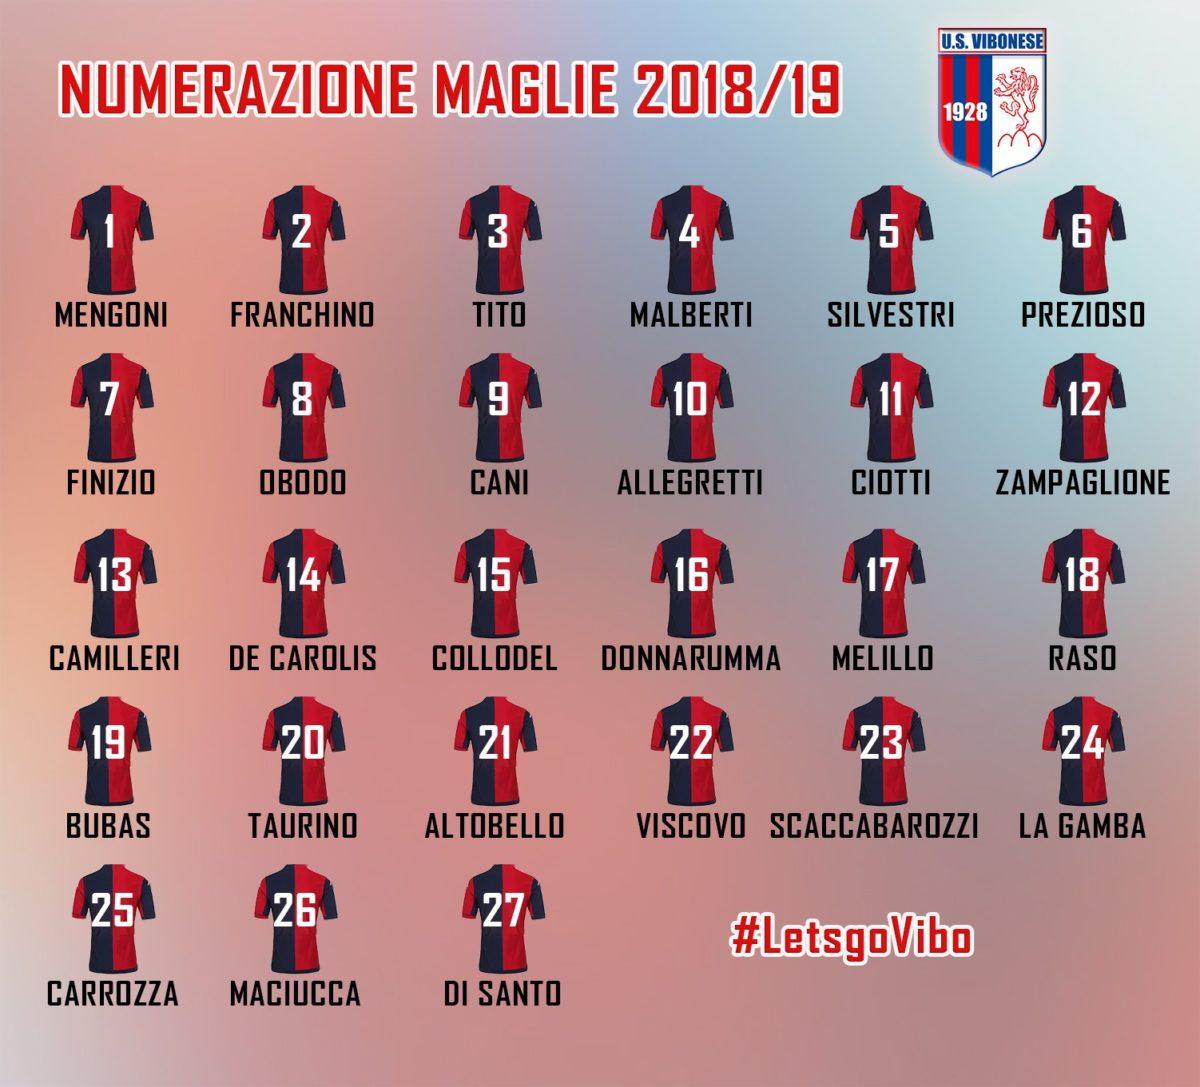 Numerazione maglie stagione 2018/19 immagine 9833 US Vibonese Calcio